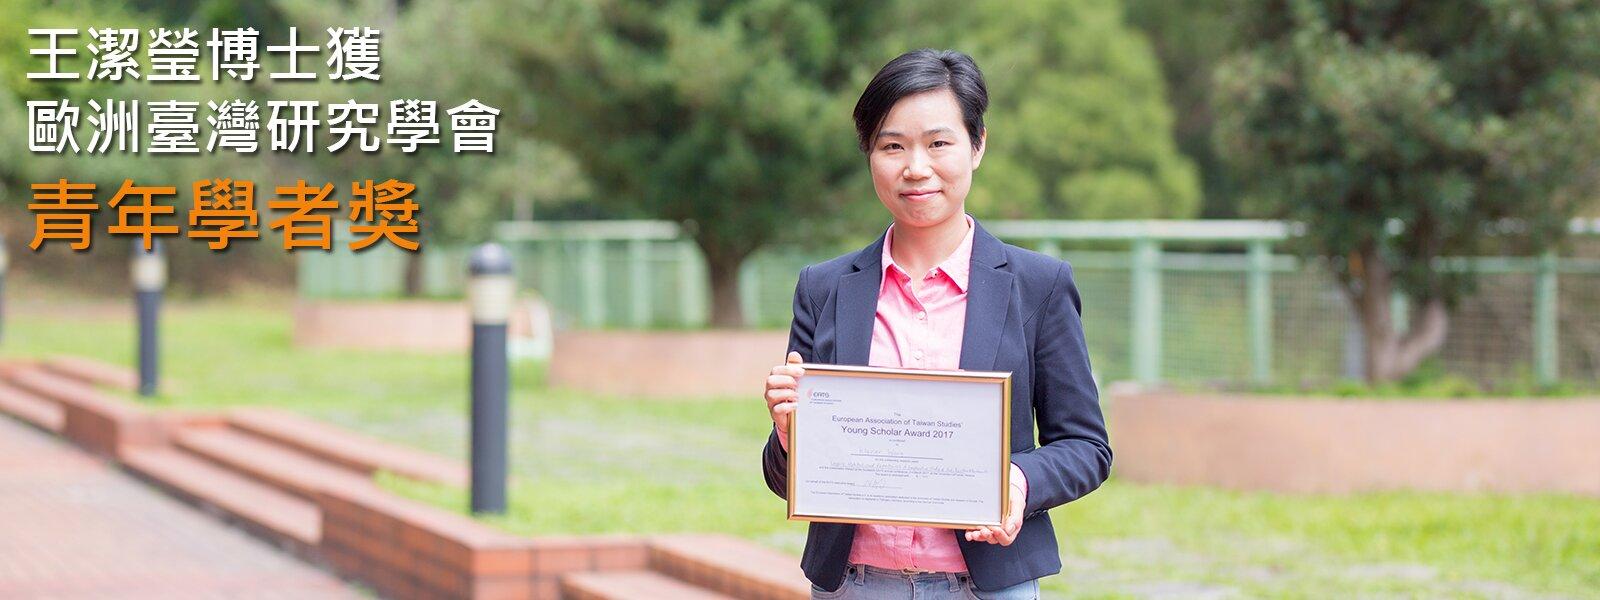 王潔瑩博士獲歐洲臺灣研究學會青年學者獎